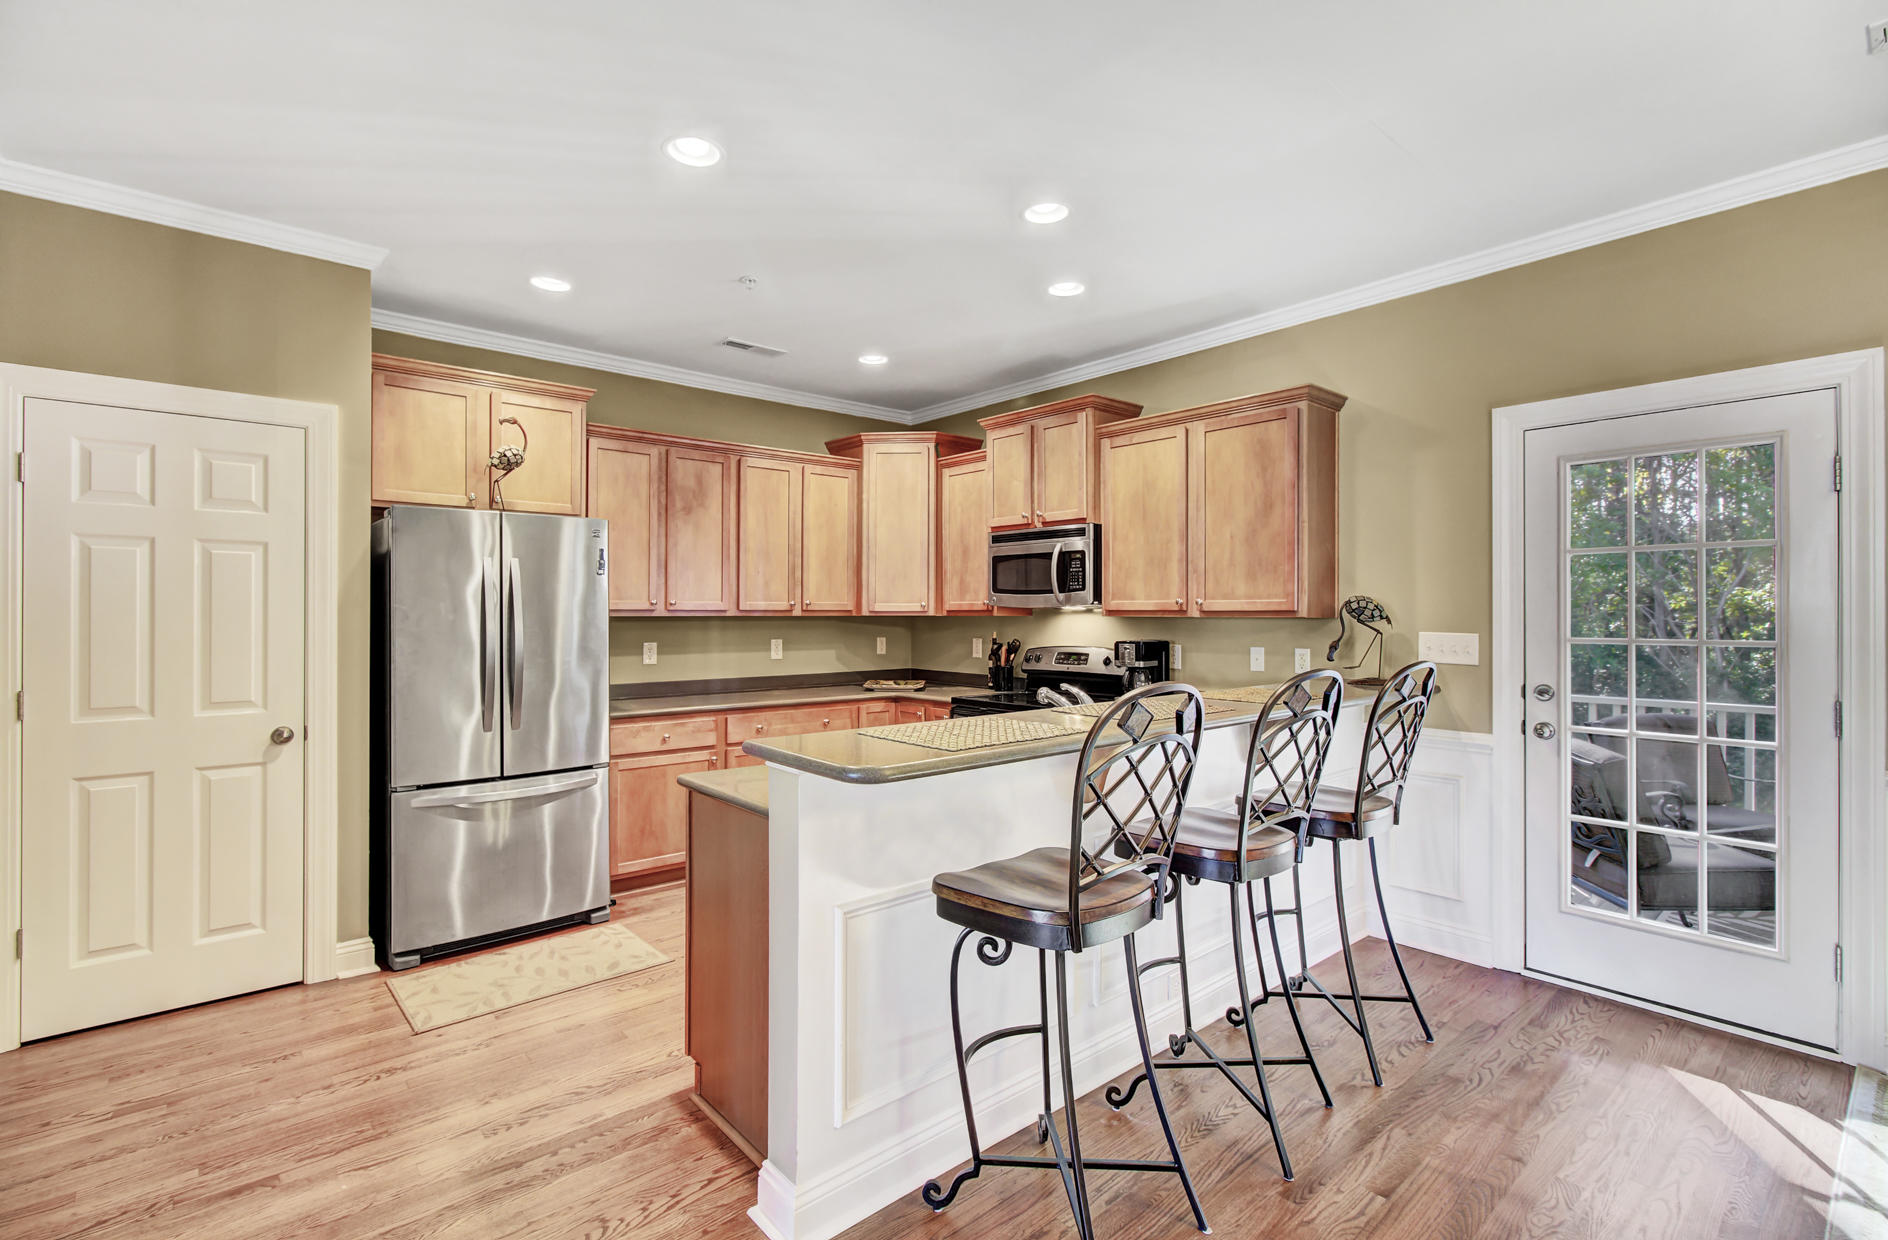 Park West Homes For Sale - 3672 Bagley, Mount Pleasant, SC - 6